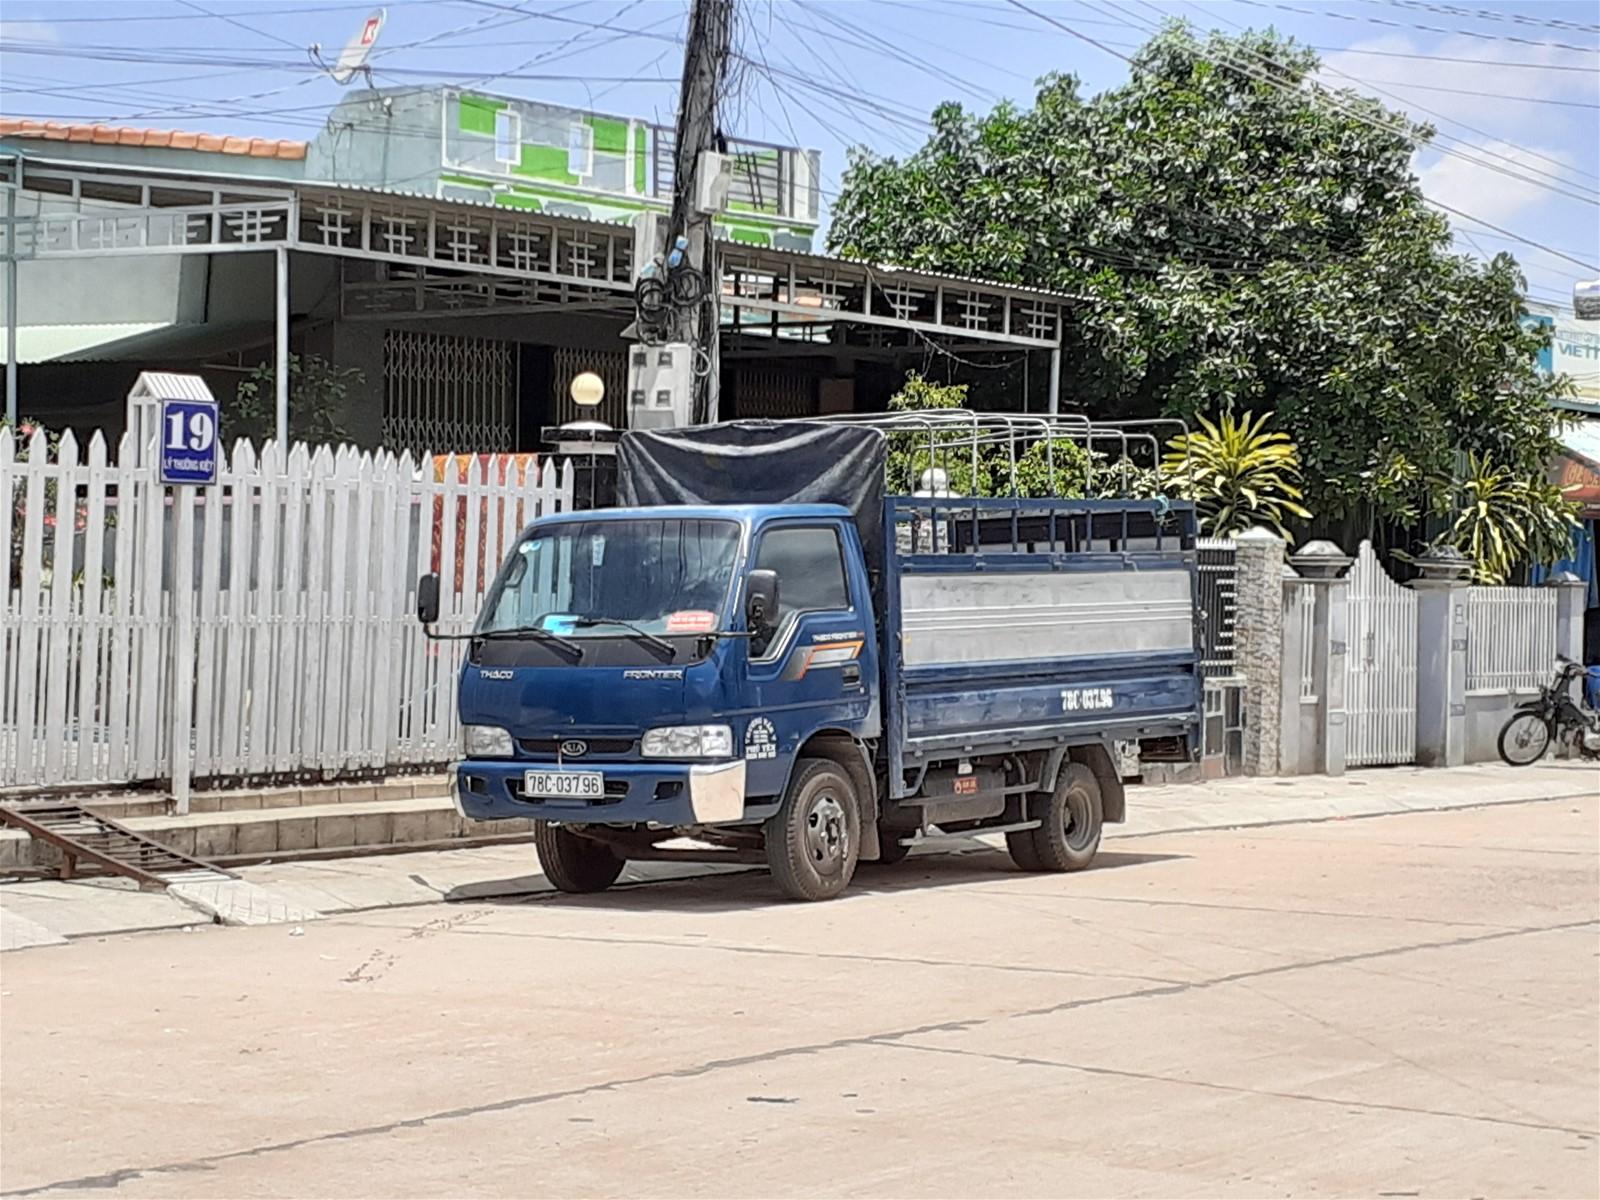 Giá thuê xe tải 1 tấn thường rất hợp lý